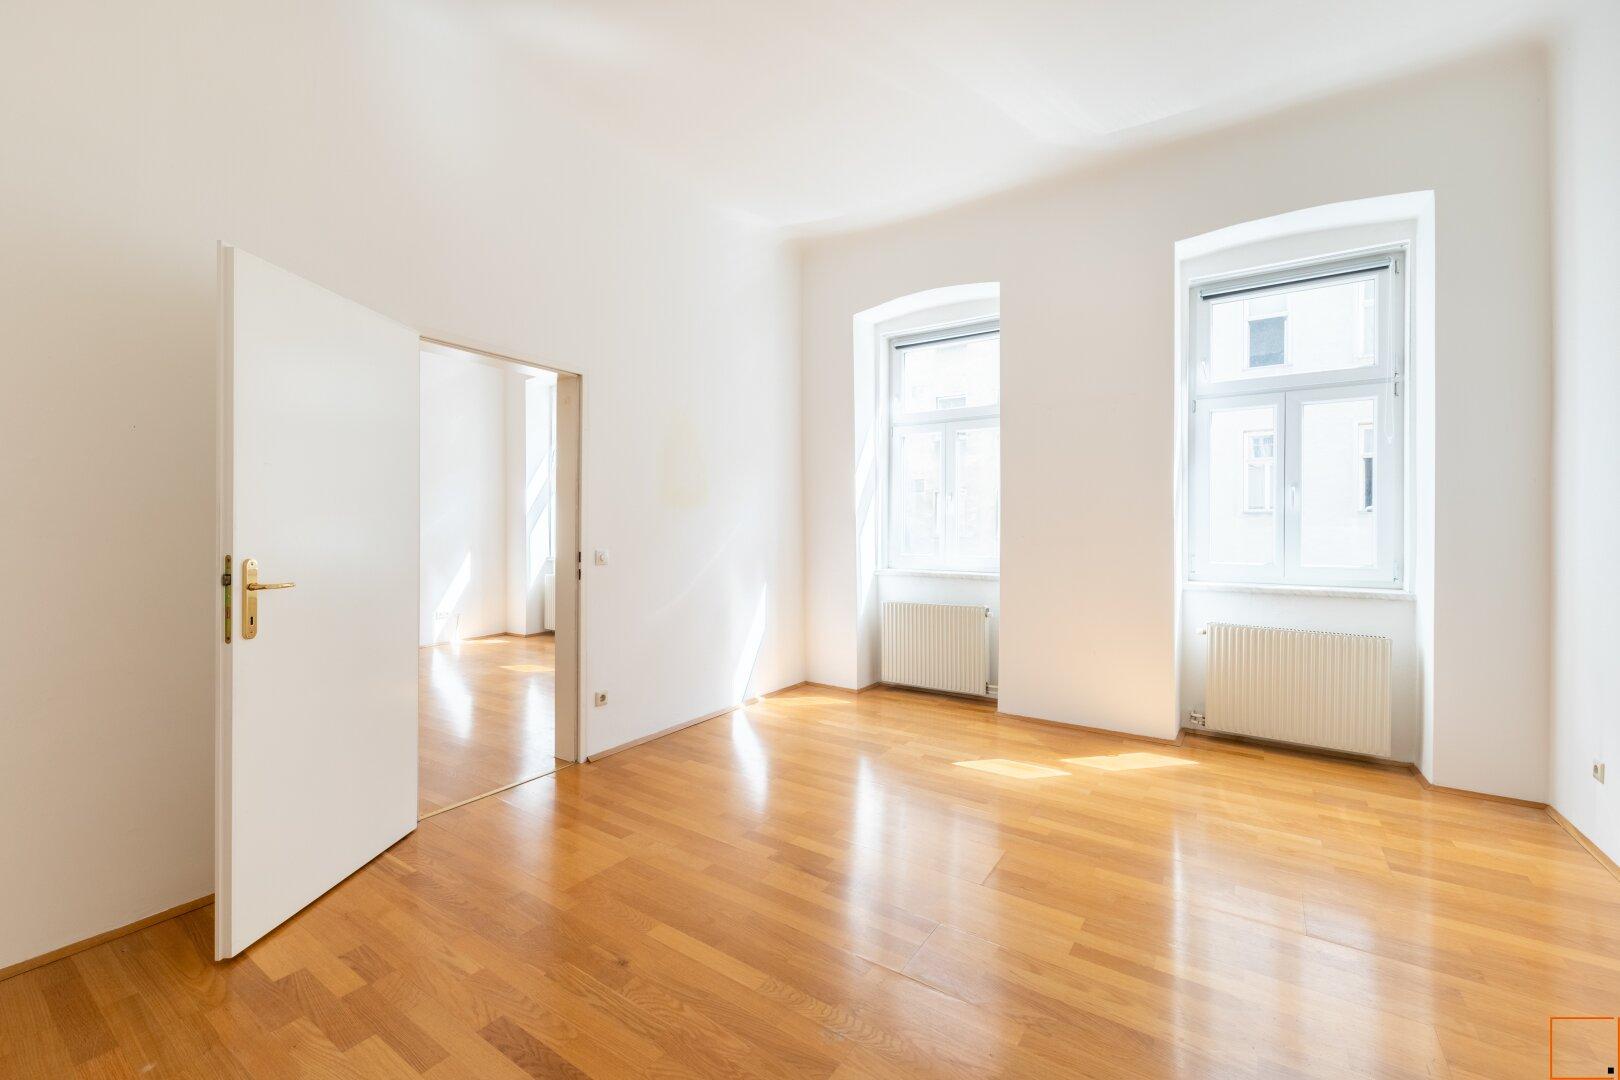 Schlafzimmer (ca. 20,00 m²)